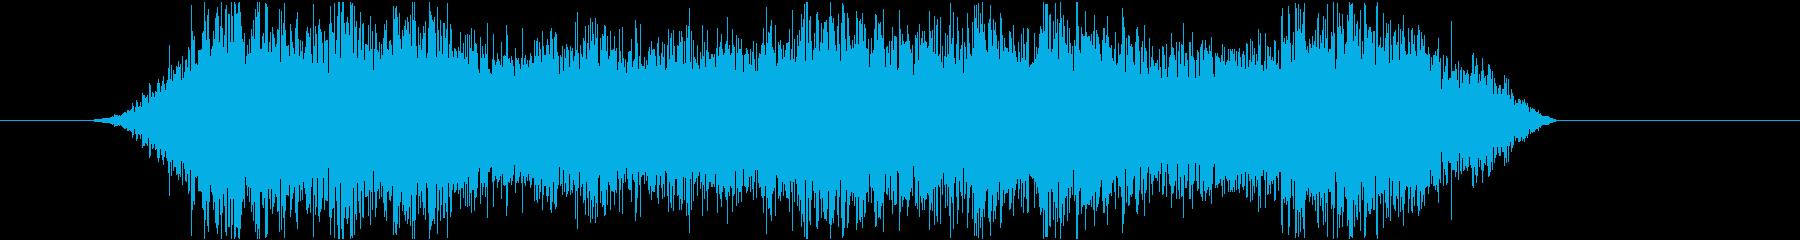 怖いモンスターのうめき声の再生済みの波形